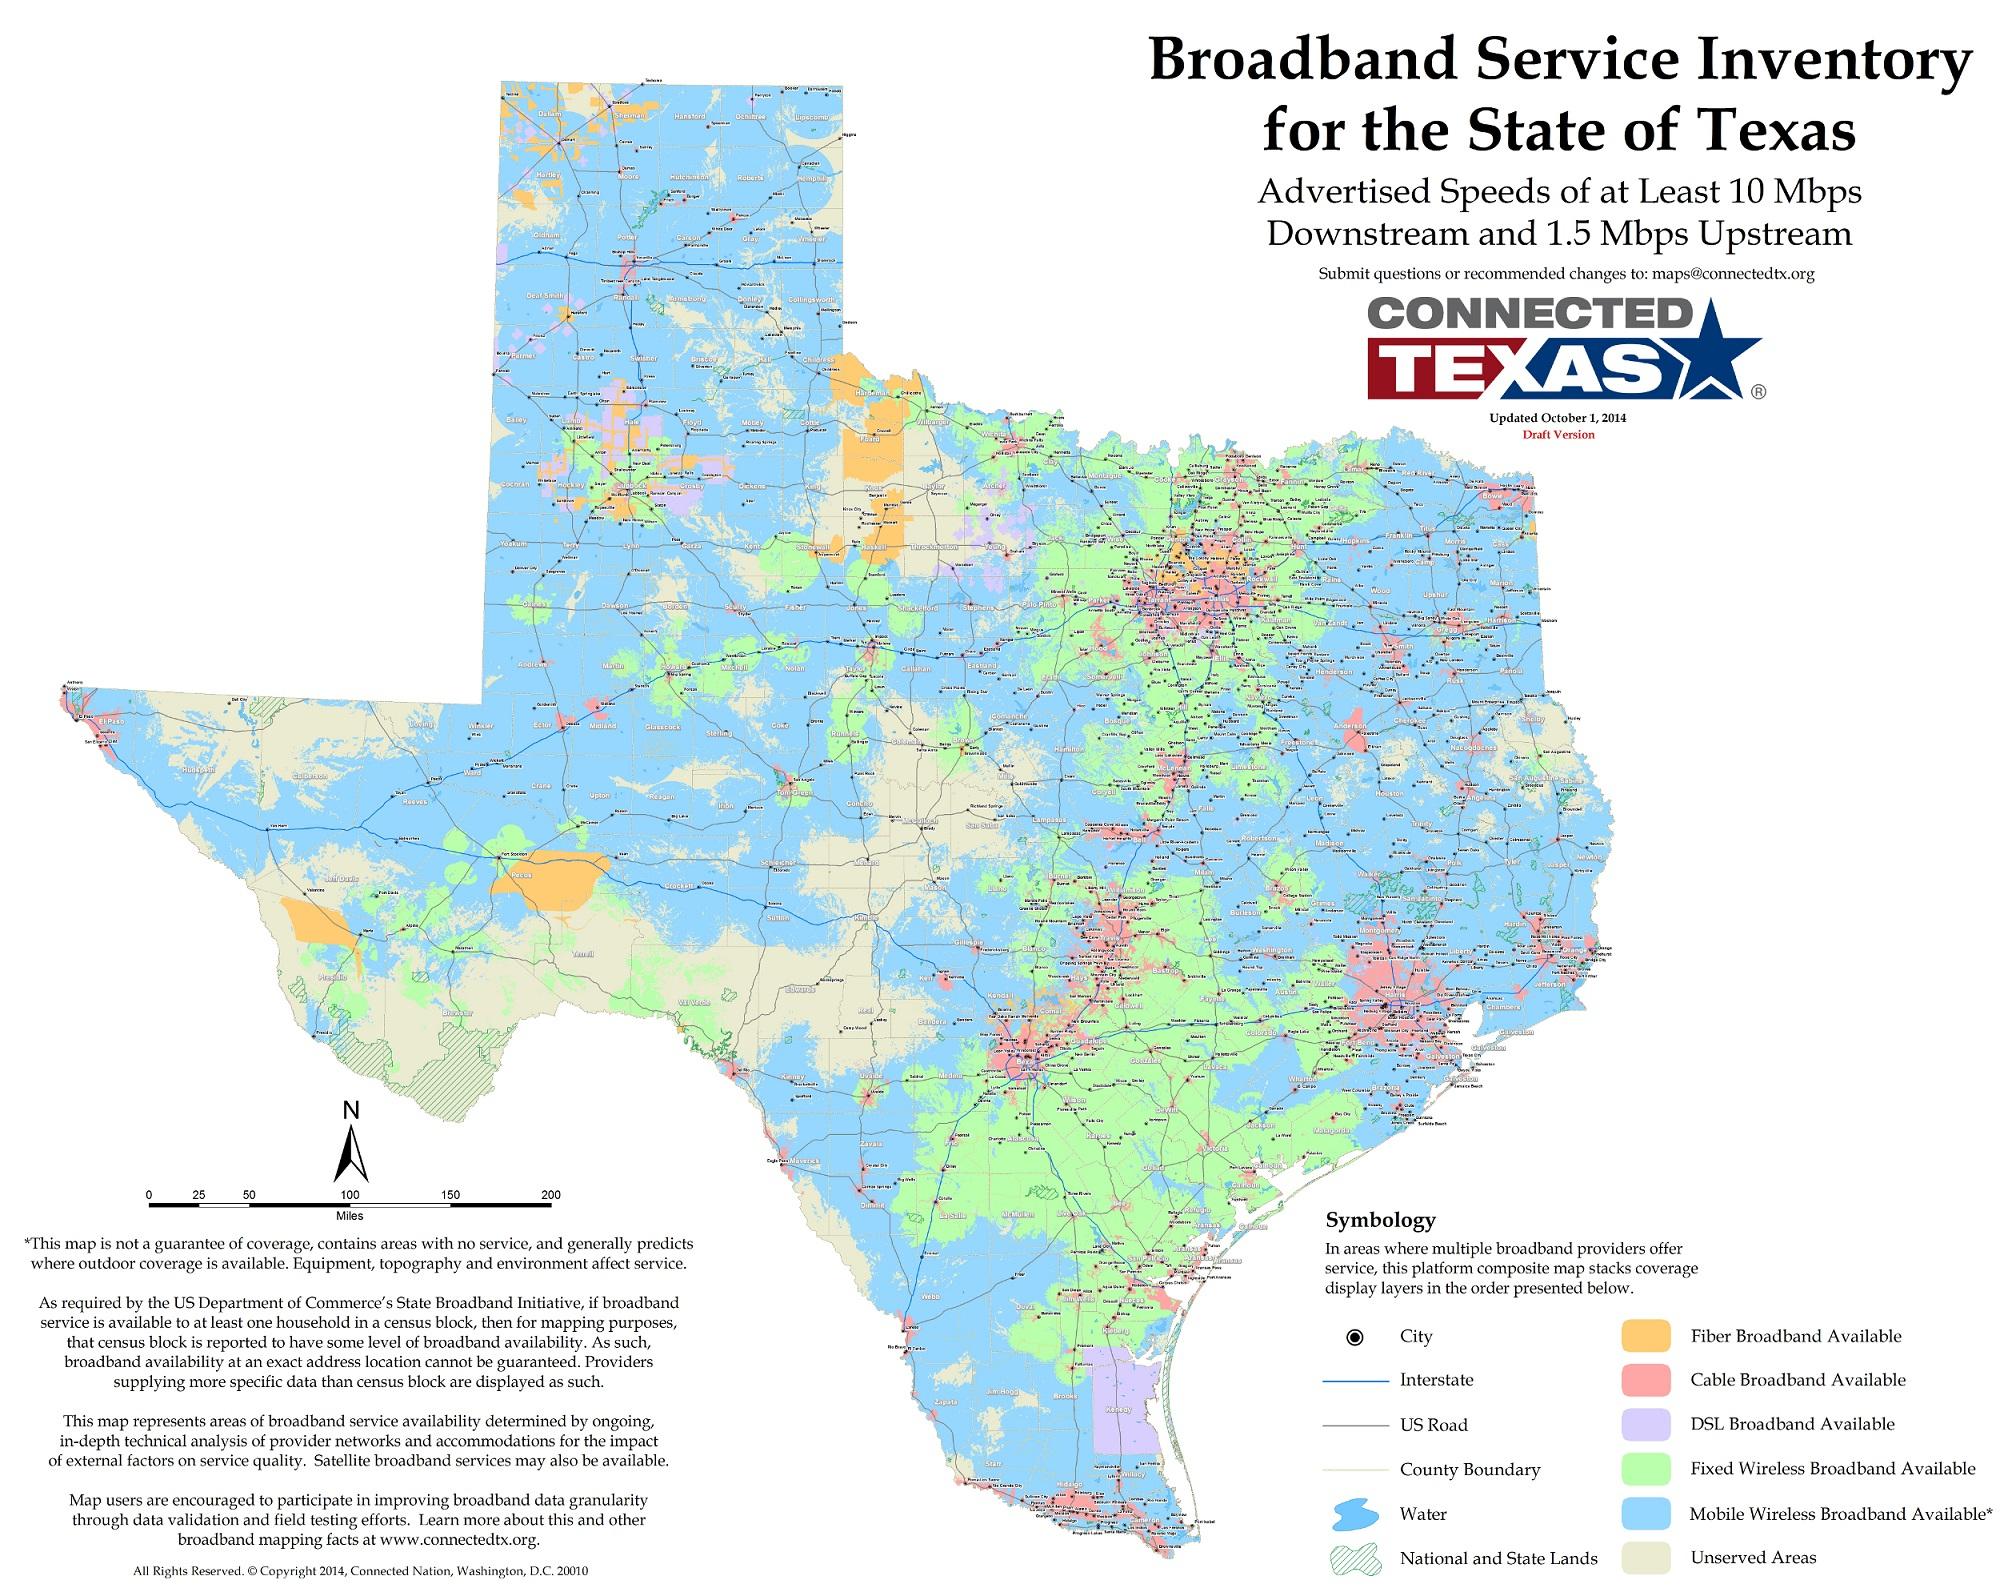 Connected Texas   - Texas Broadband Map